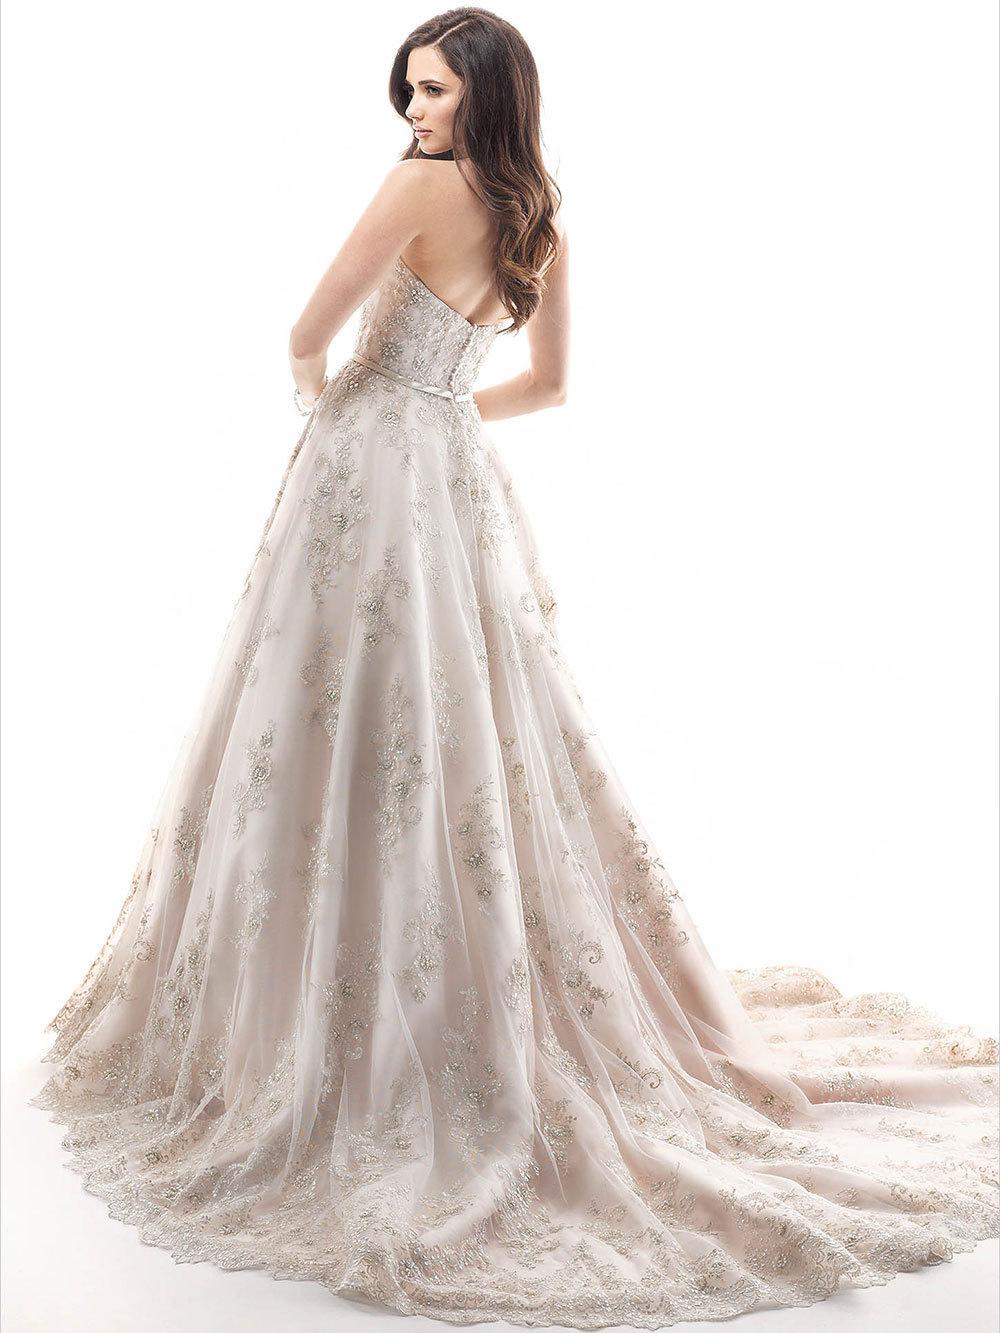 Brautkleid Hannah von Maggie Sottero auf Ja.de